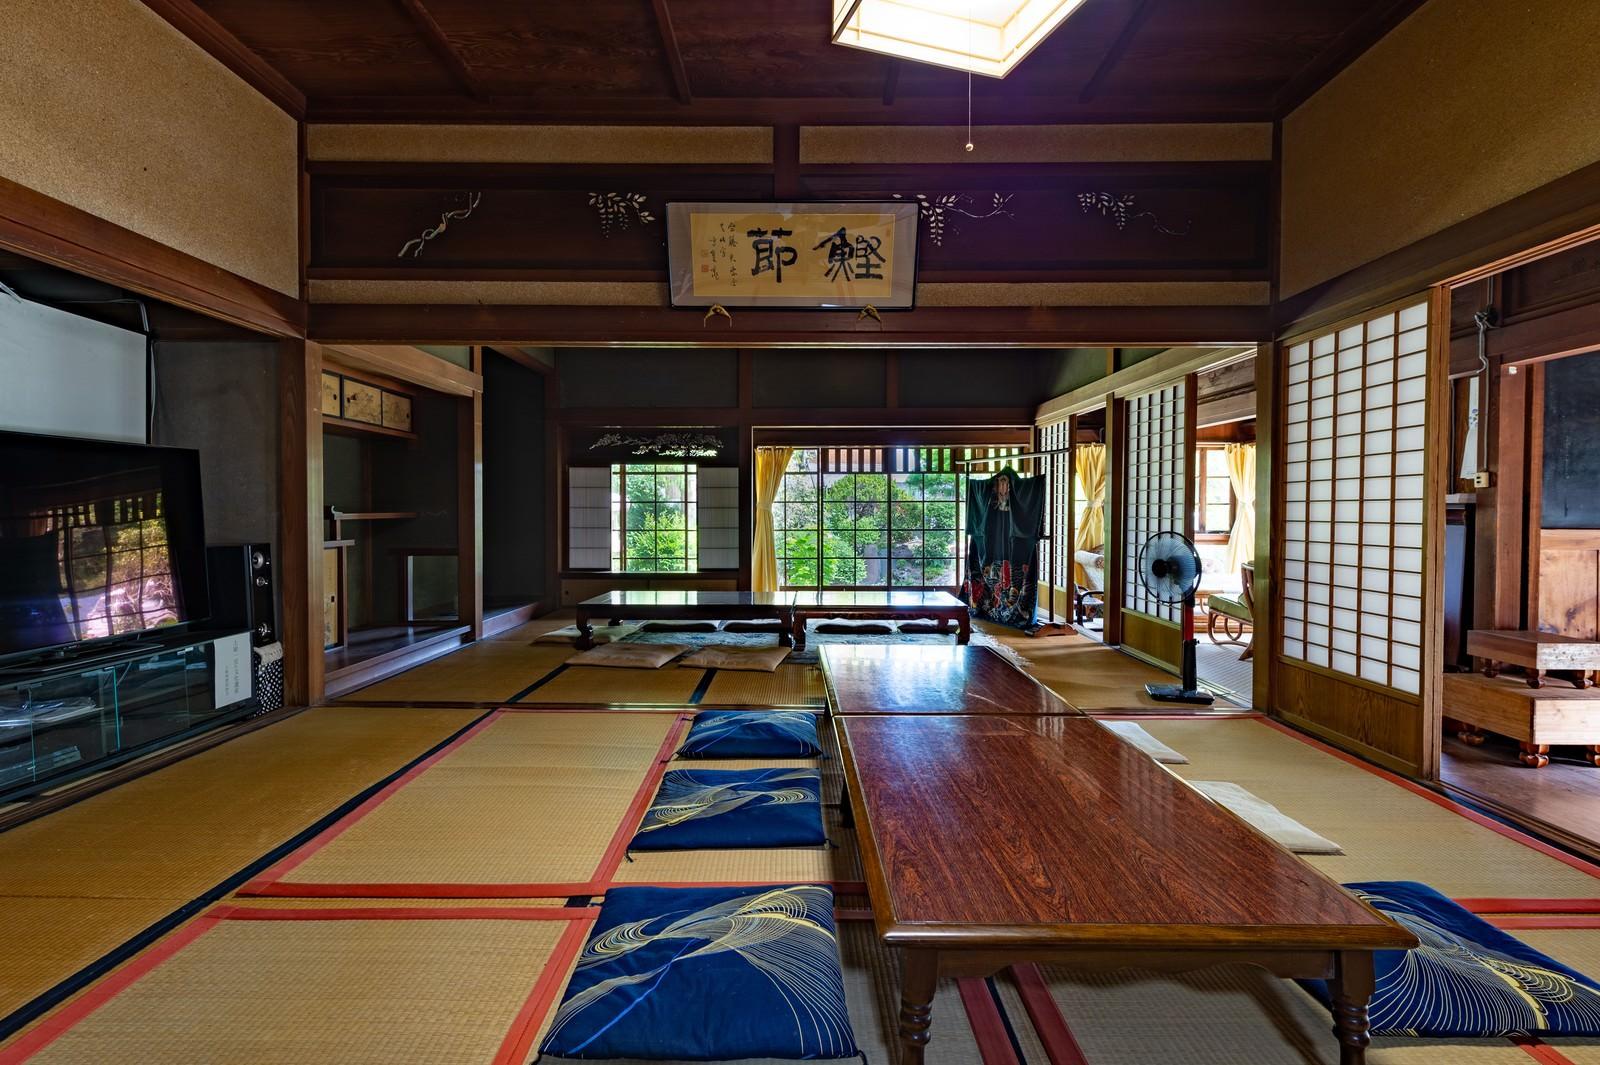 「歴史ある古民家の和室(千葉県一宮町)」の写真